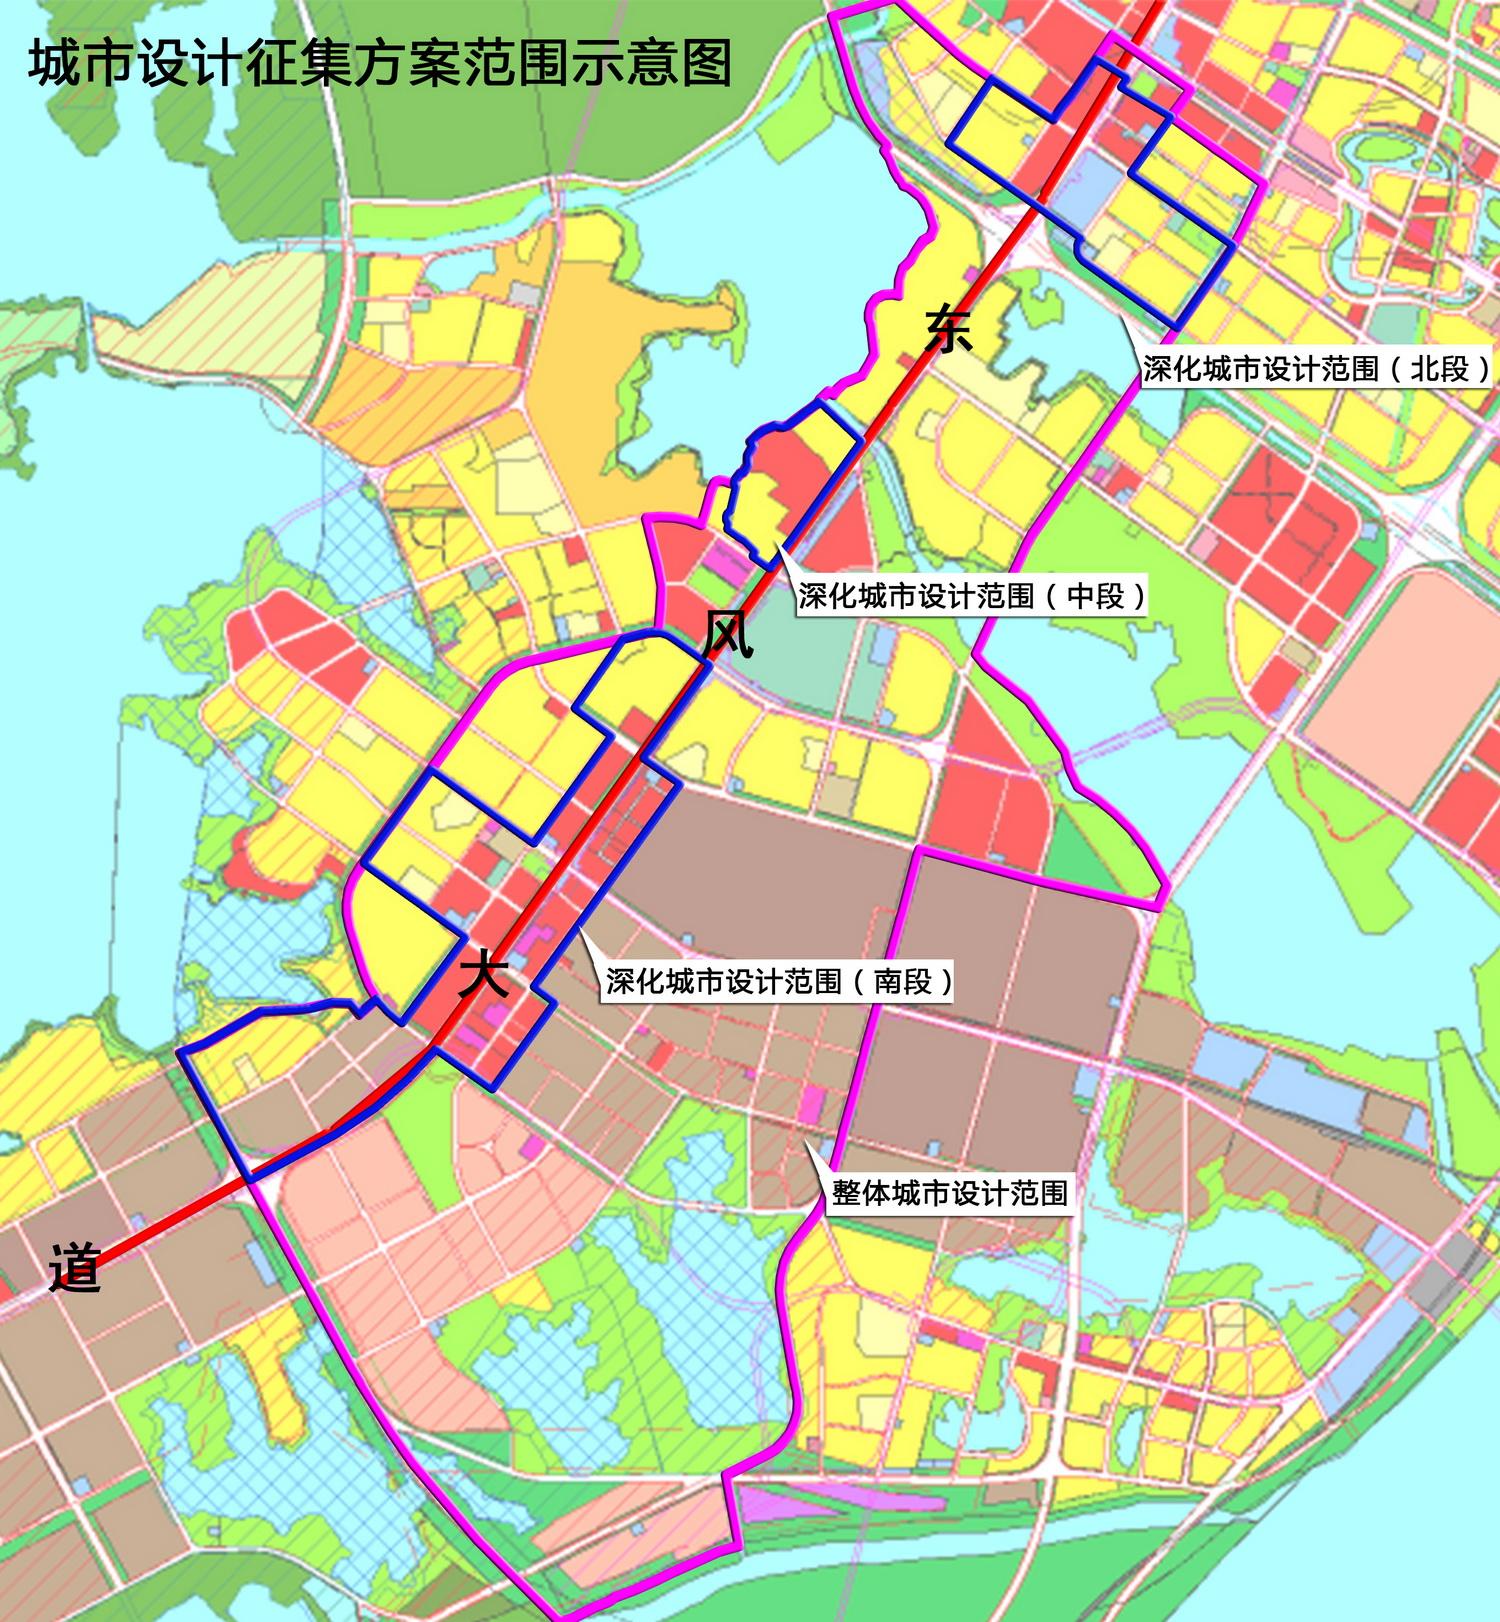 东风大道是318国道位于武汉经济技术开发区(汉南区)(以下简称经开区)范围内的路段,是经开区内部各功能组团联系和联系主城区、蔡甸区及仙桃、潜江的一条重要的城市干道,是武汉市城市西南向发展重要的拓展轴,沿线聚集有武汉体育中心、市民服务中心、东风汽车公司总部、东风汽车有限公司总部、神龙汽车公司总部、湖北武汉出口加工区等重要的功能区,与之相交的道路有武汉市三环线、四环线、外环线、车城环路、沌阳大道等城市主干(快速、高速)路,周边紧临南太子湖、北太子湖、三角湖等景观资源。随着2016年10月东风大道高架全线通车